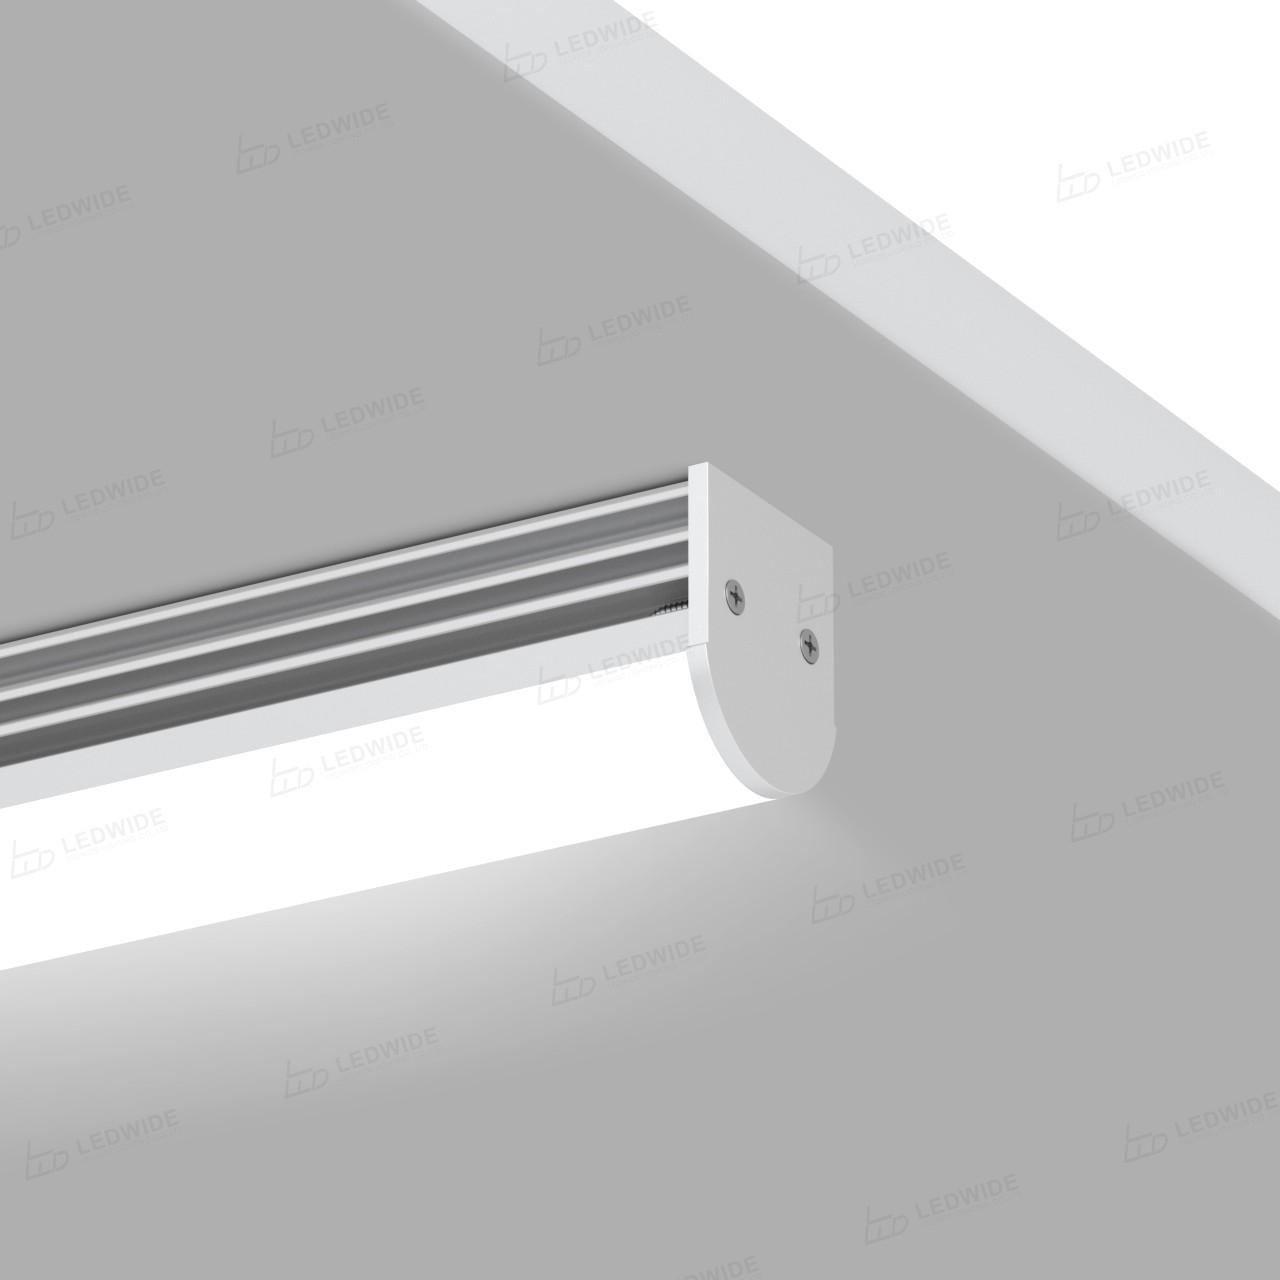 Kaufen AP4 Oberfläche Aluminium-LED-Profil 18.7x22mm;AP4 Oberfläche Aluminium-LED-Profil 18.7x22mm Preis;AP4 Oberfläche Aluminium-LED-Profil 18.7x22mm Marken;AP4 Oberfläche Aluminium-LED-Profil 18.7x22mm Hersteller;AP4 Oberfläche Aluminium-LED-Profil 18.7x22mm Zitat;AP4 Oberfläche Aluminium-LED-Profil 18.7x22mm Unternehmen